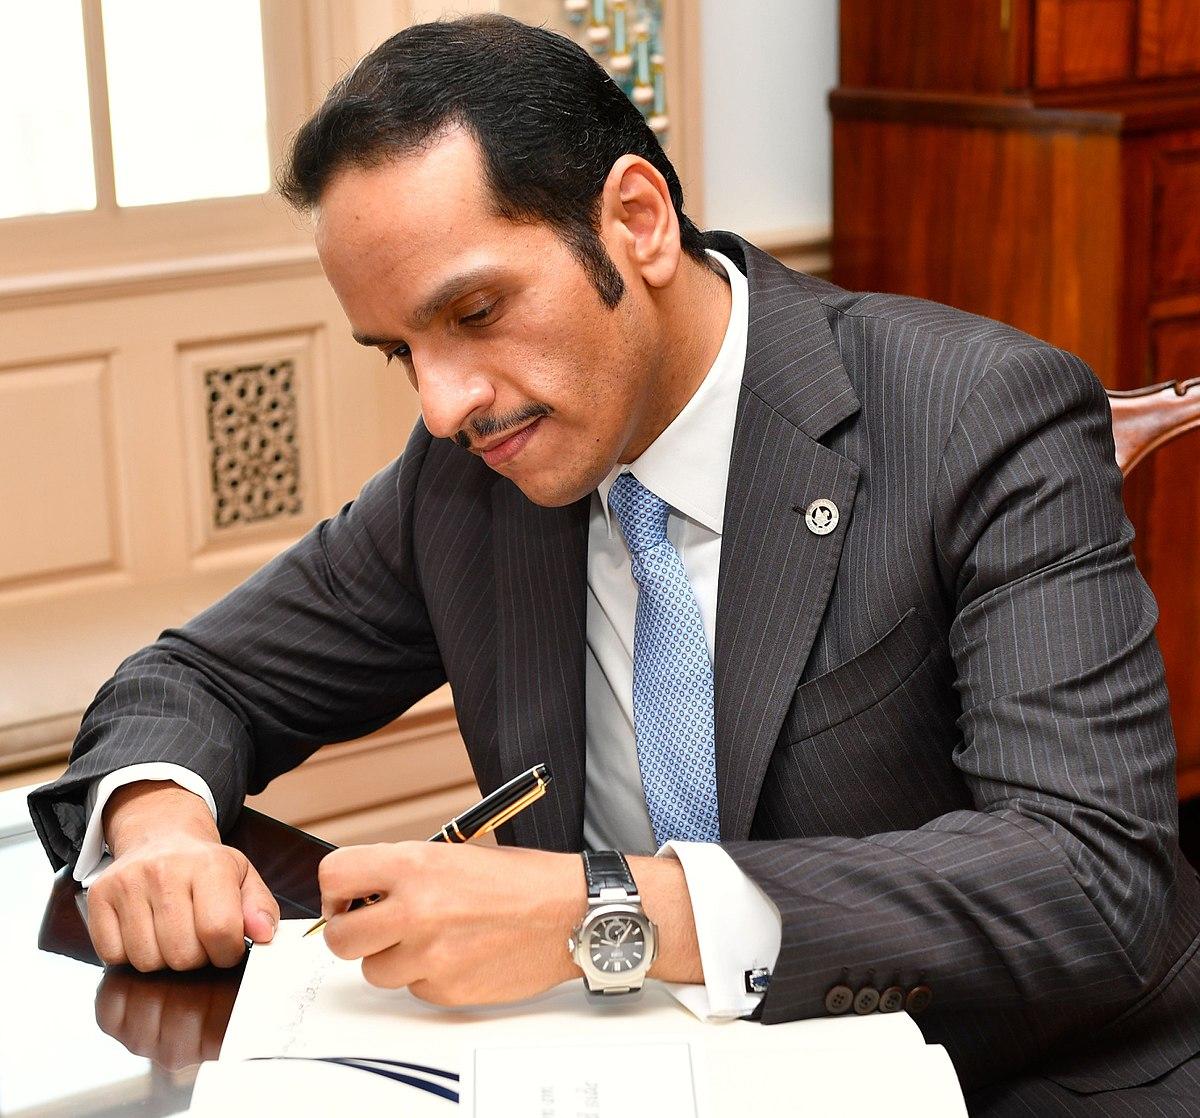 نتيجة بحث الصور عن الشيخ محمد بن عبد الرحمن آل ثاني